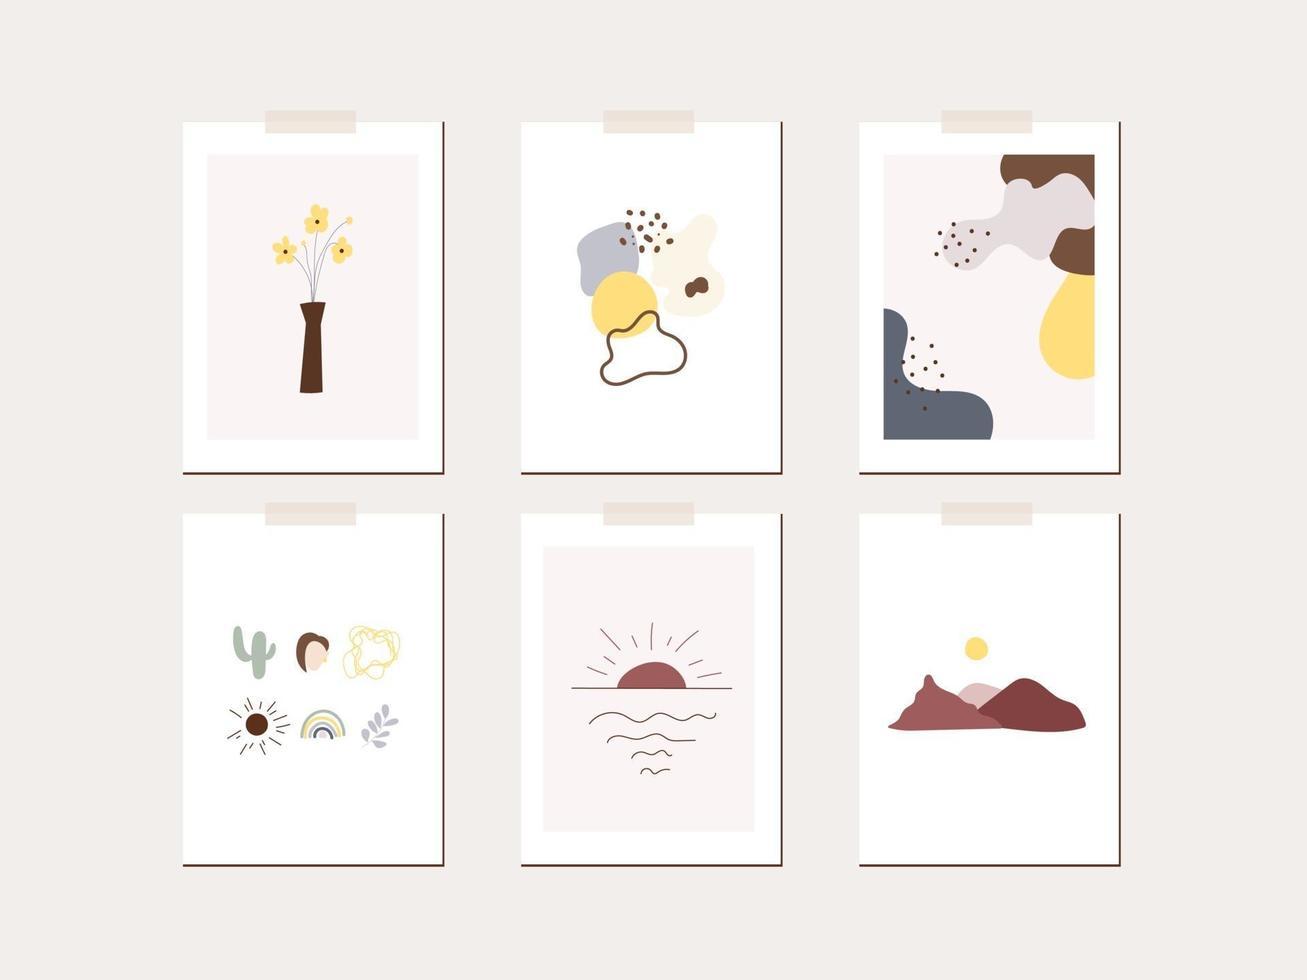 våren humör gratulationskort affisch mall. minimalistiska löv, blommor, sol, abstrakta former vektor